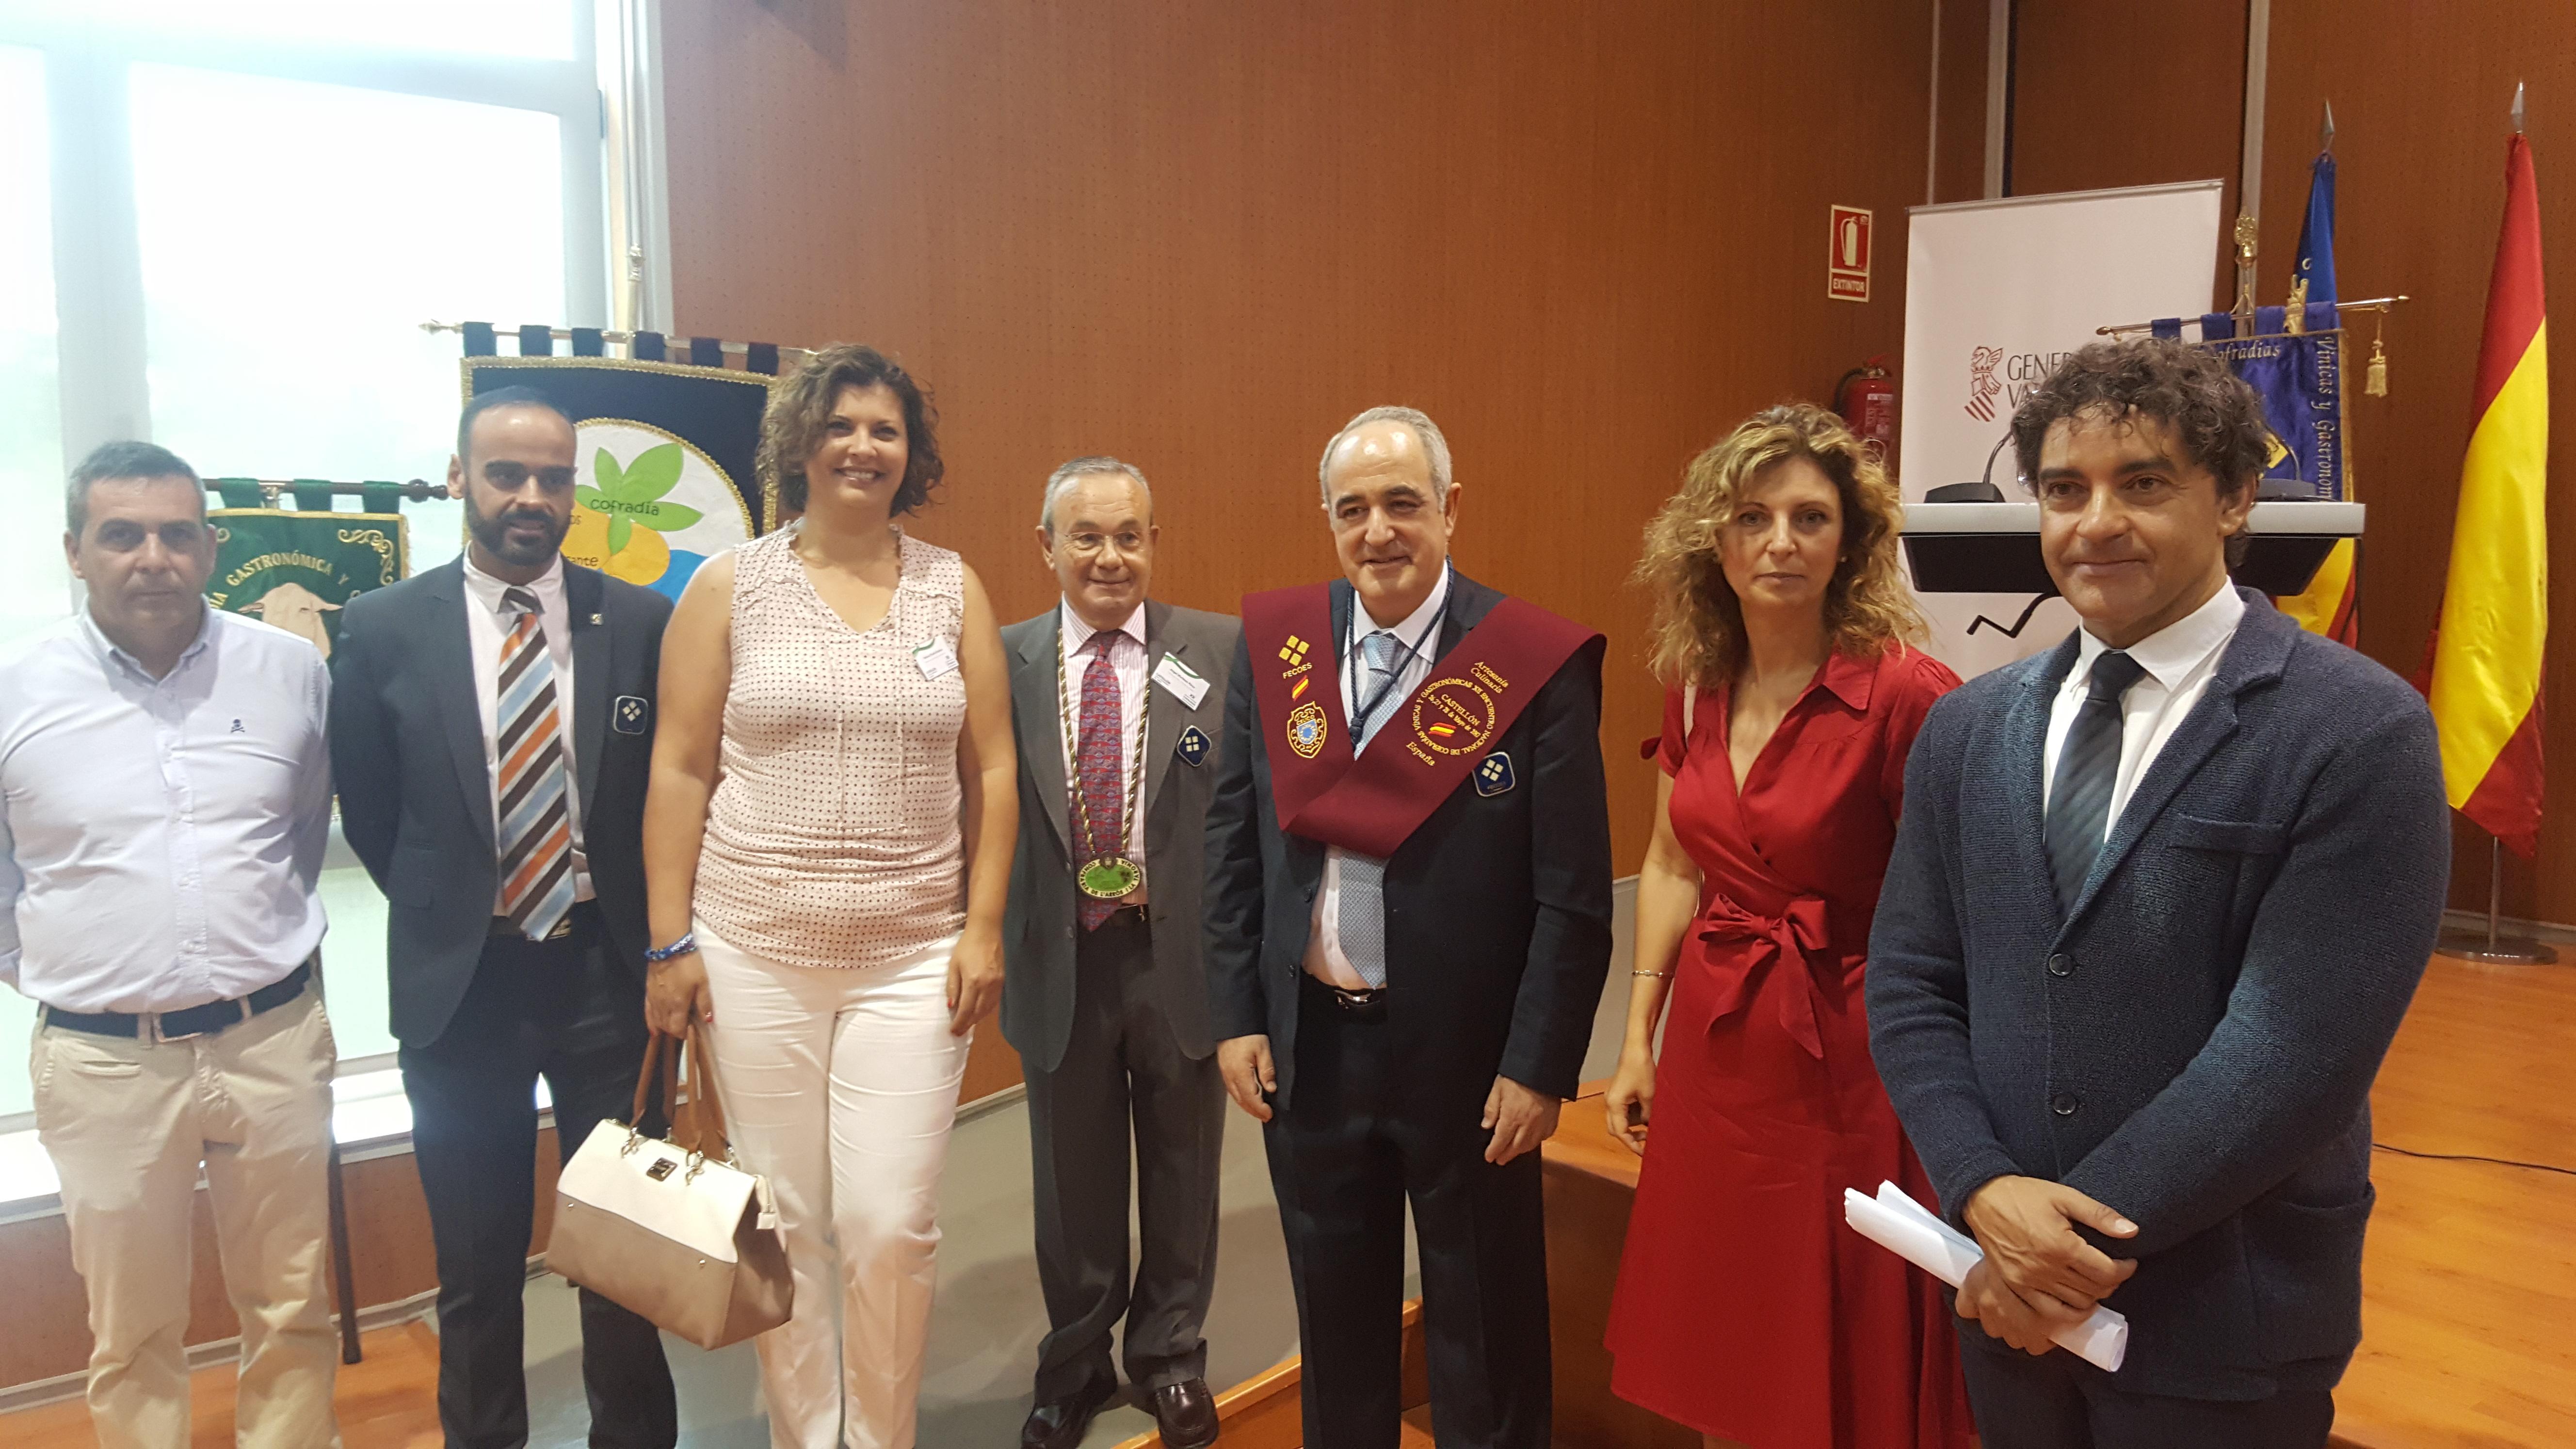 El CdT de Castellón recibe el premio nacional 'Artesanía Culinaria 2017' a la mejor institución promotora de gastronomía y turismo